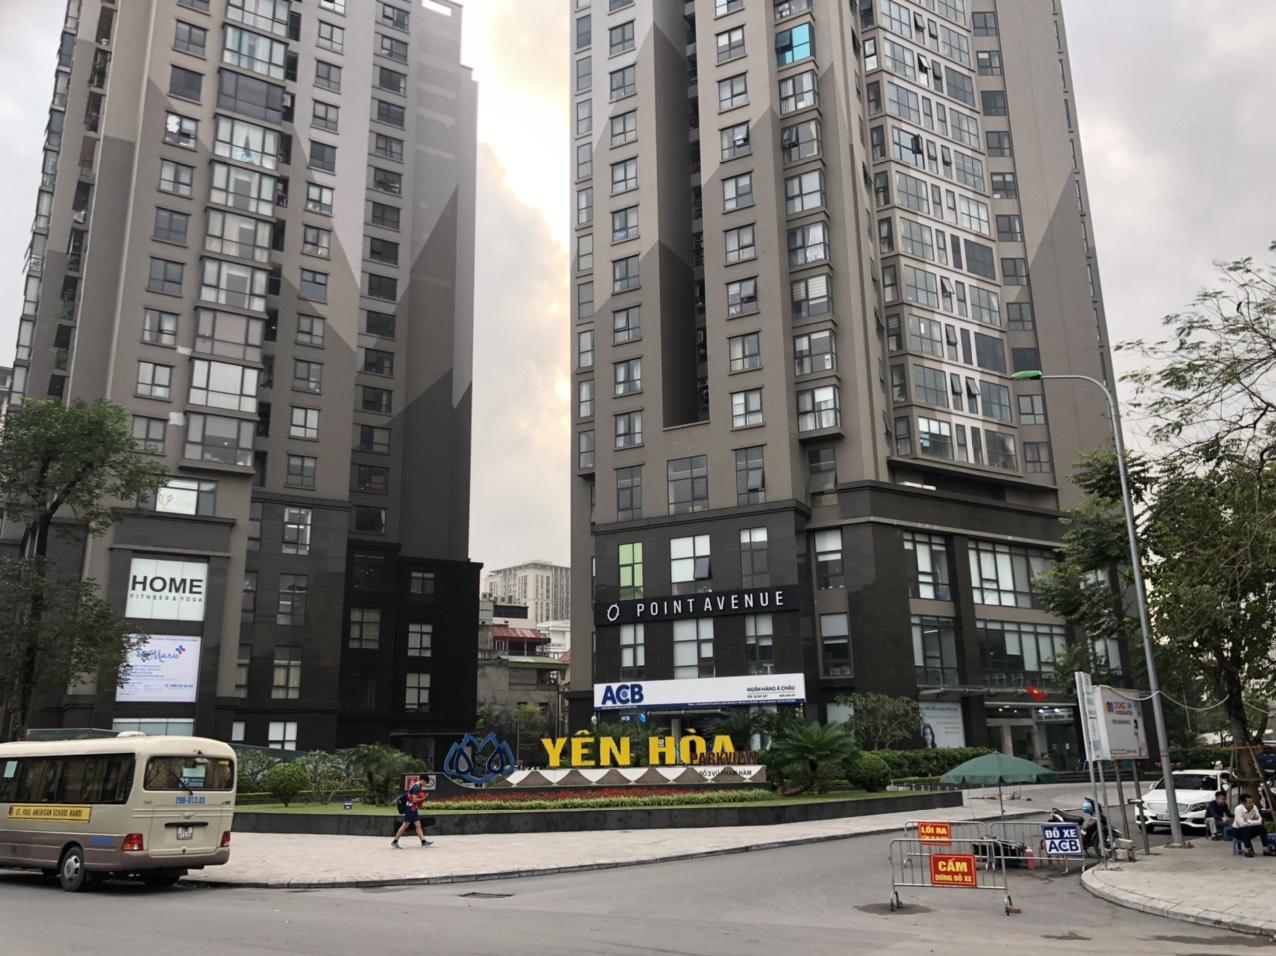 """Hà Nội: Chủ đầu tư chung cư E4 Yên Hoà bị """"tố"""" chậm bàn giao quỹ bảo trì - Ảnh 1."""